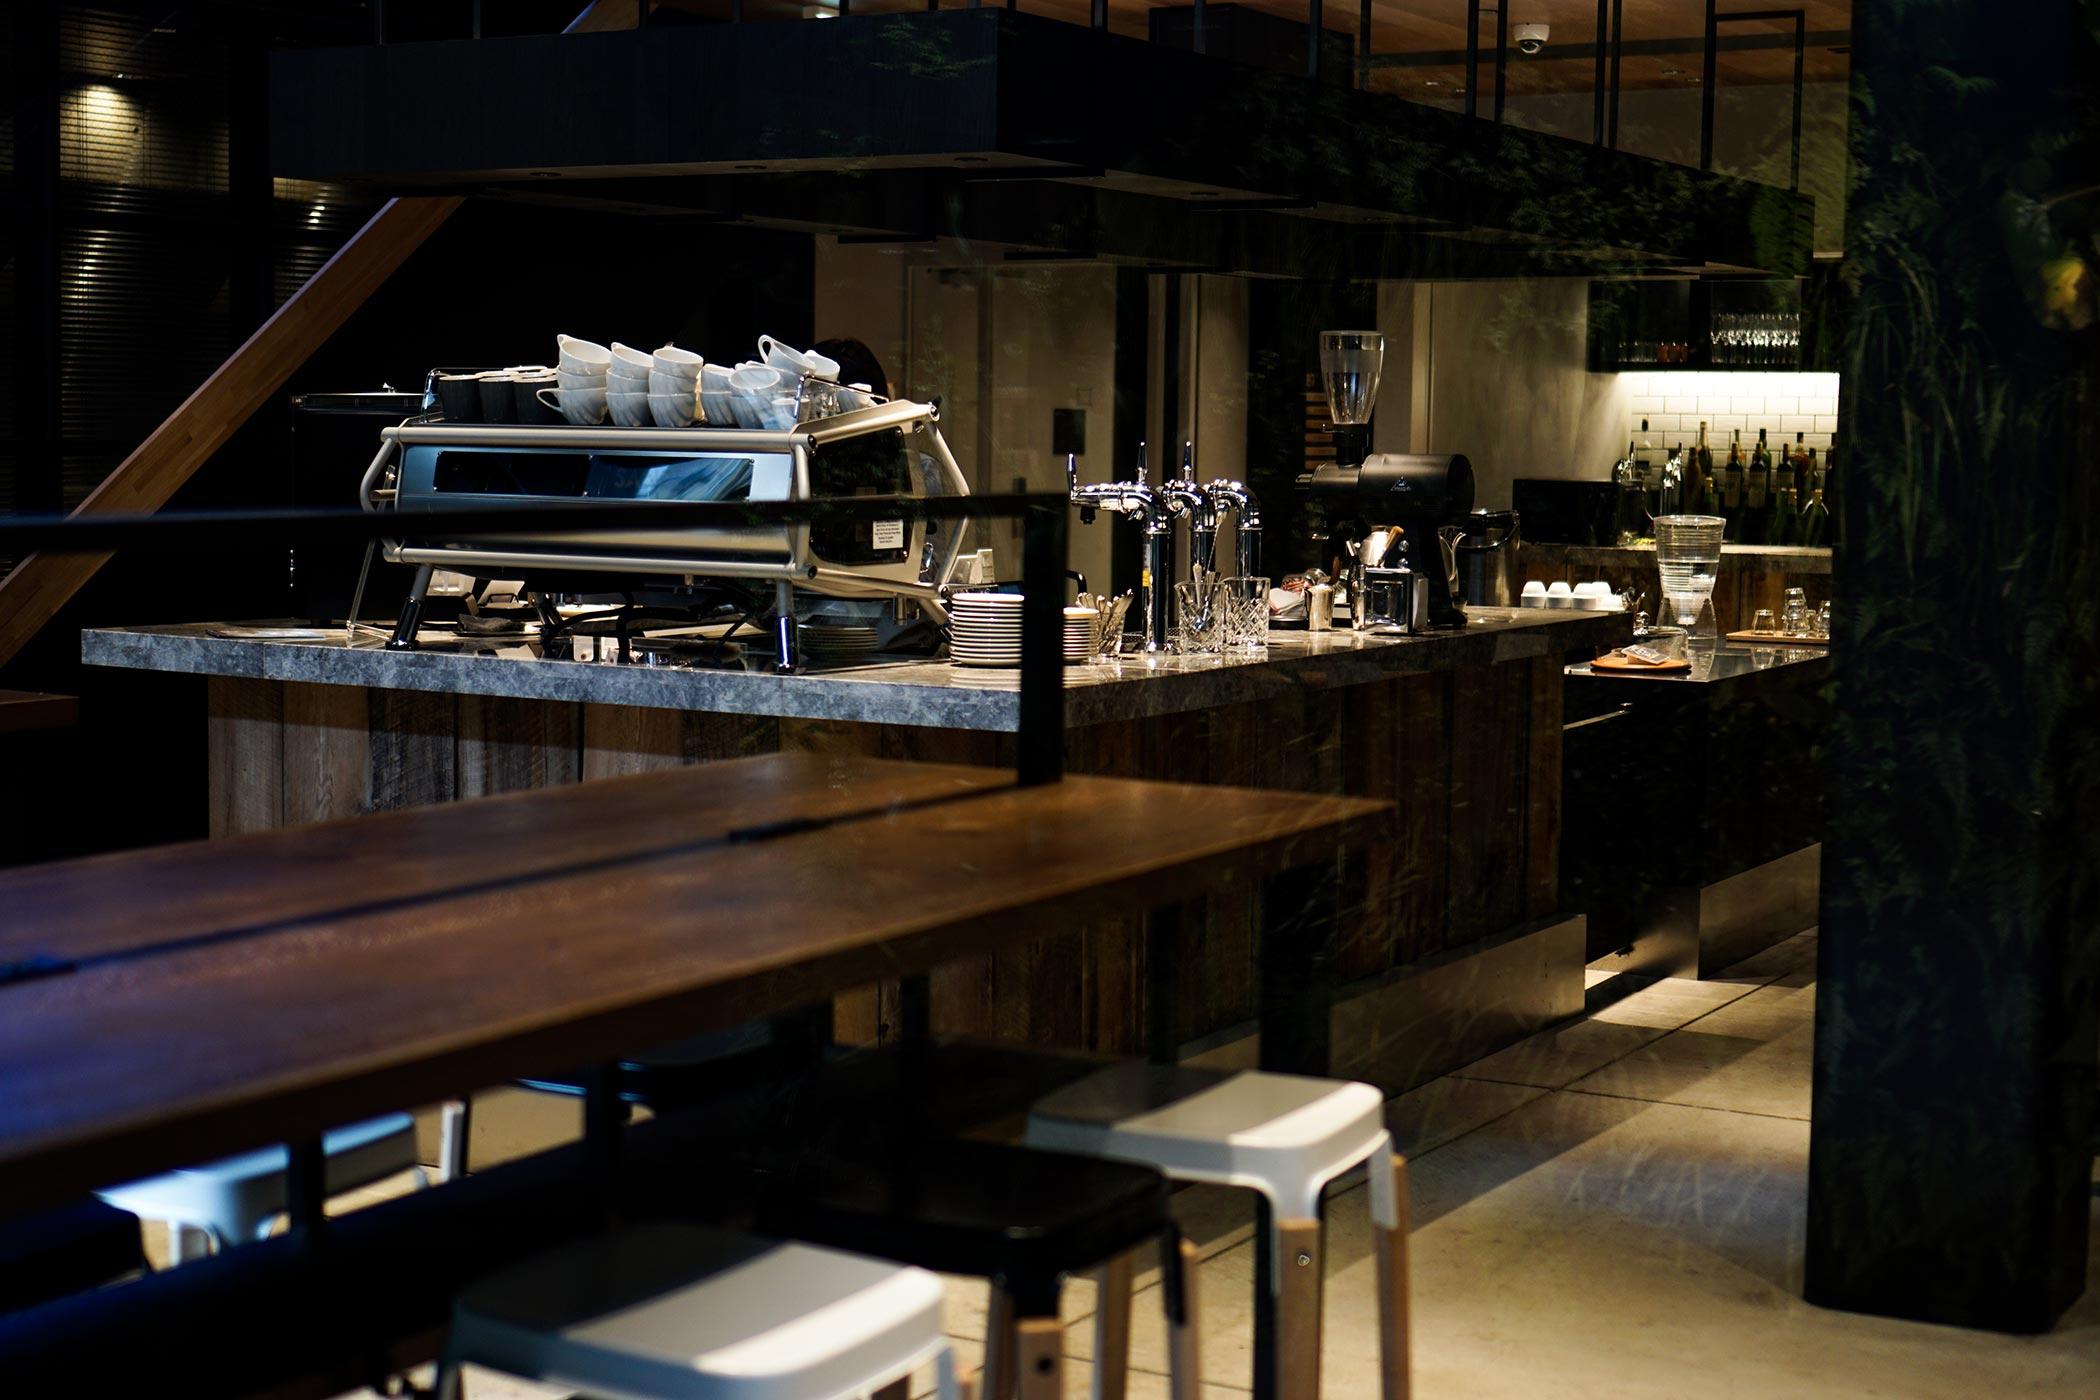 ピースホステル三条EAST 地下に広がる心くすぐる空間で地元ロースターのコーヒーを